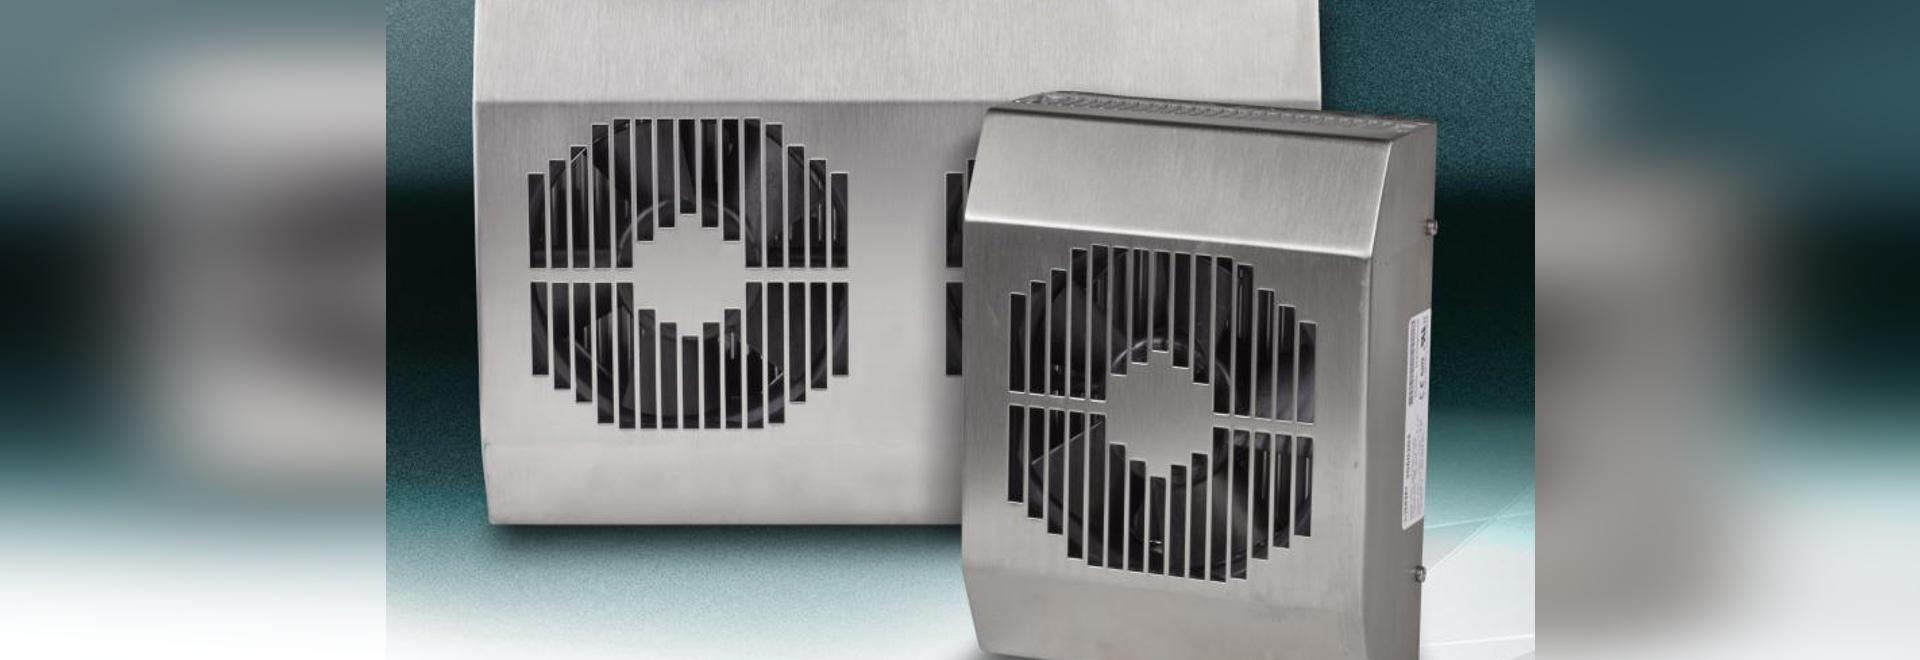 AutomationDirect ajoute des refroidisseurs thermoélectriques de boîtier